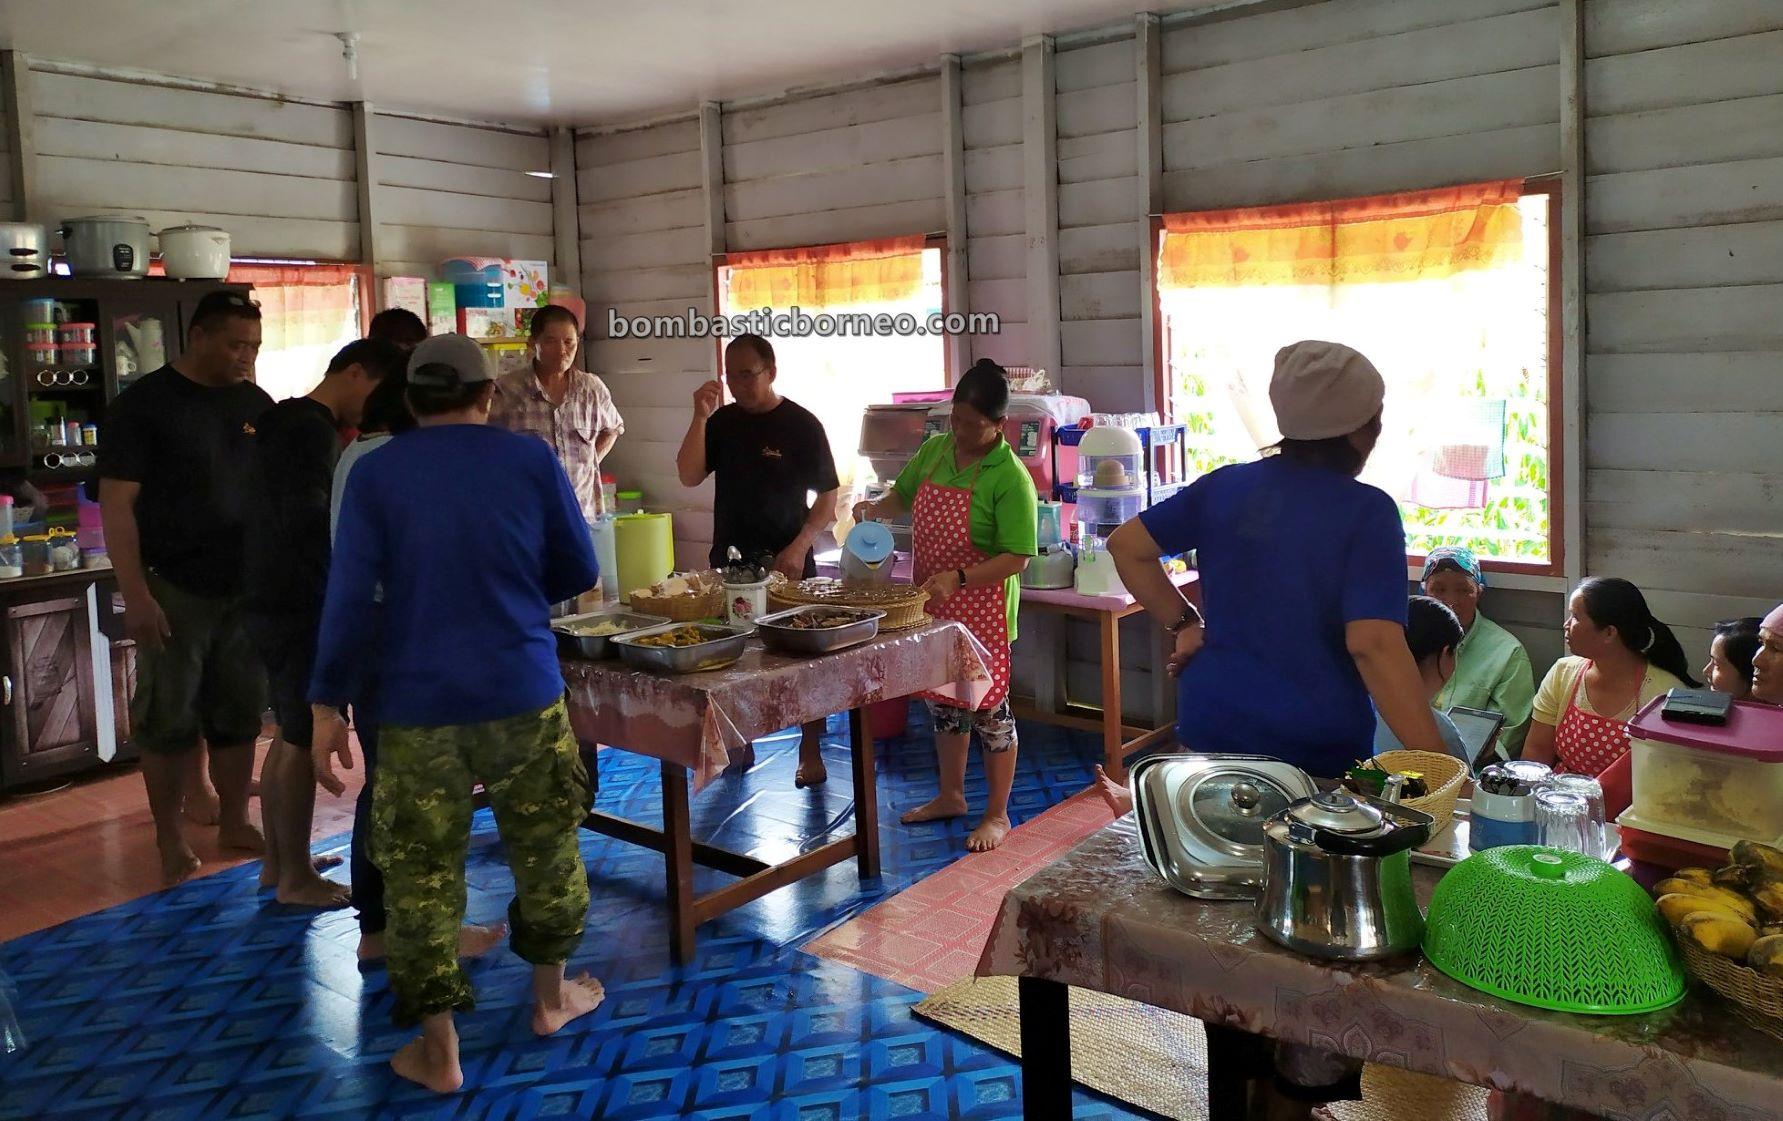 Bakelalan, Interior village, Lawas, Limbang, Malaysia, Borneo, Maligan Highlands, Dayak, Orang Ulu, Tourism, 婆罗洲原住民部落, 马来西亚砂拉越, 巴卡拉兰弄巴湾族